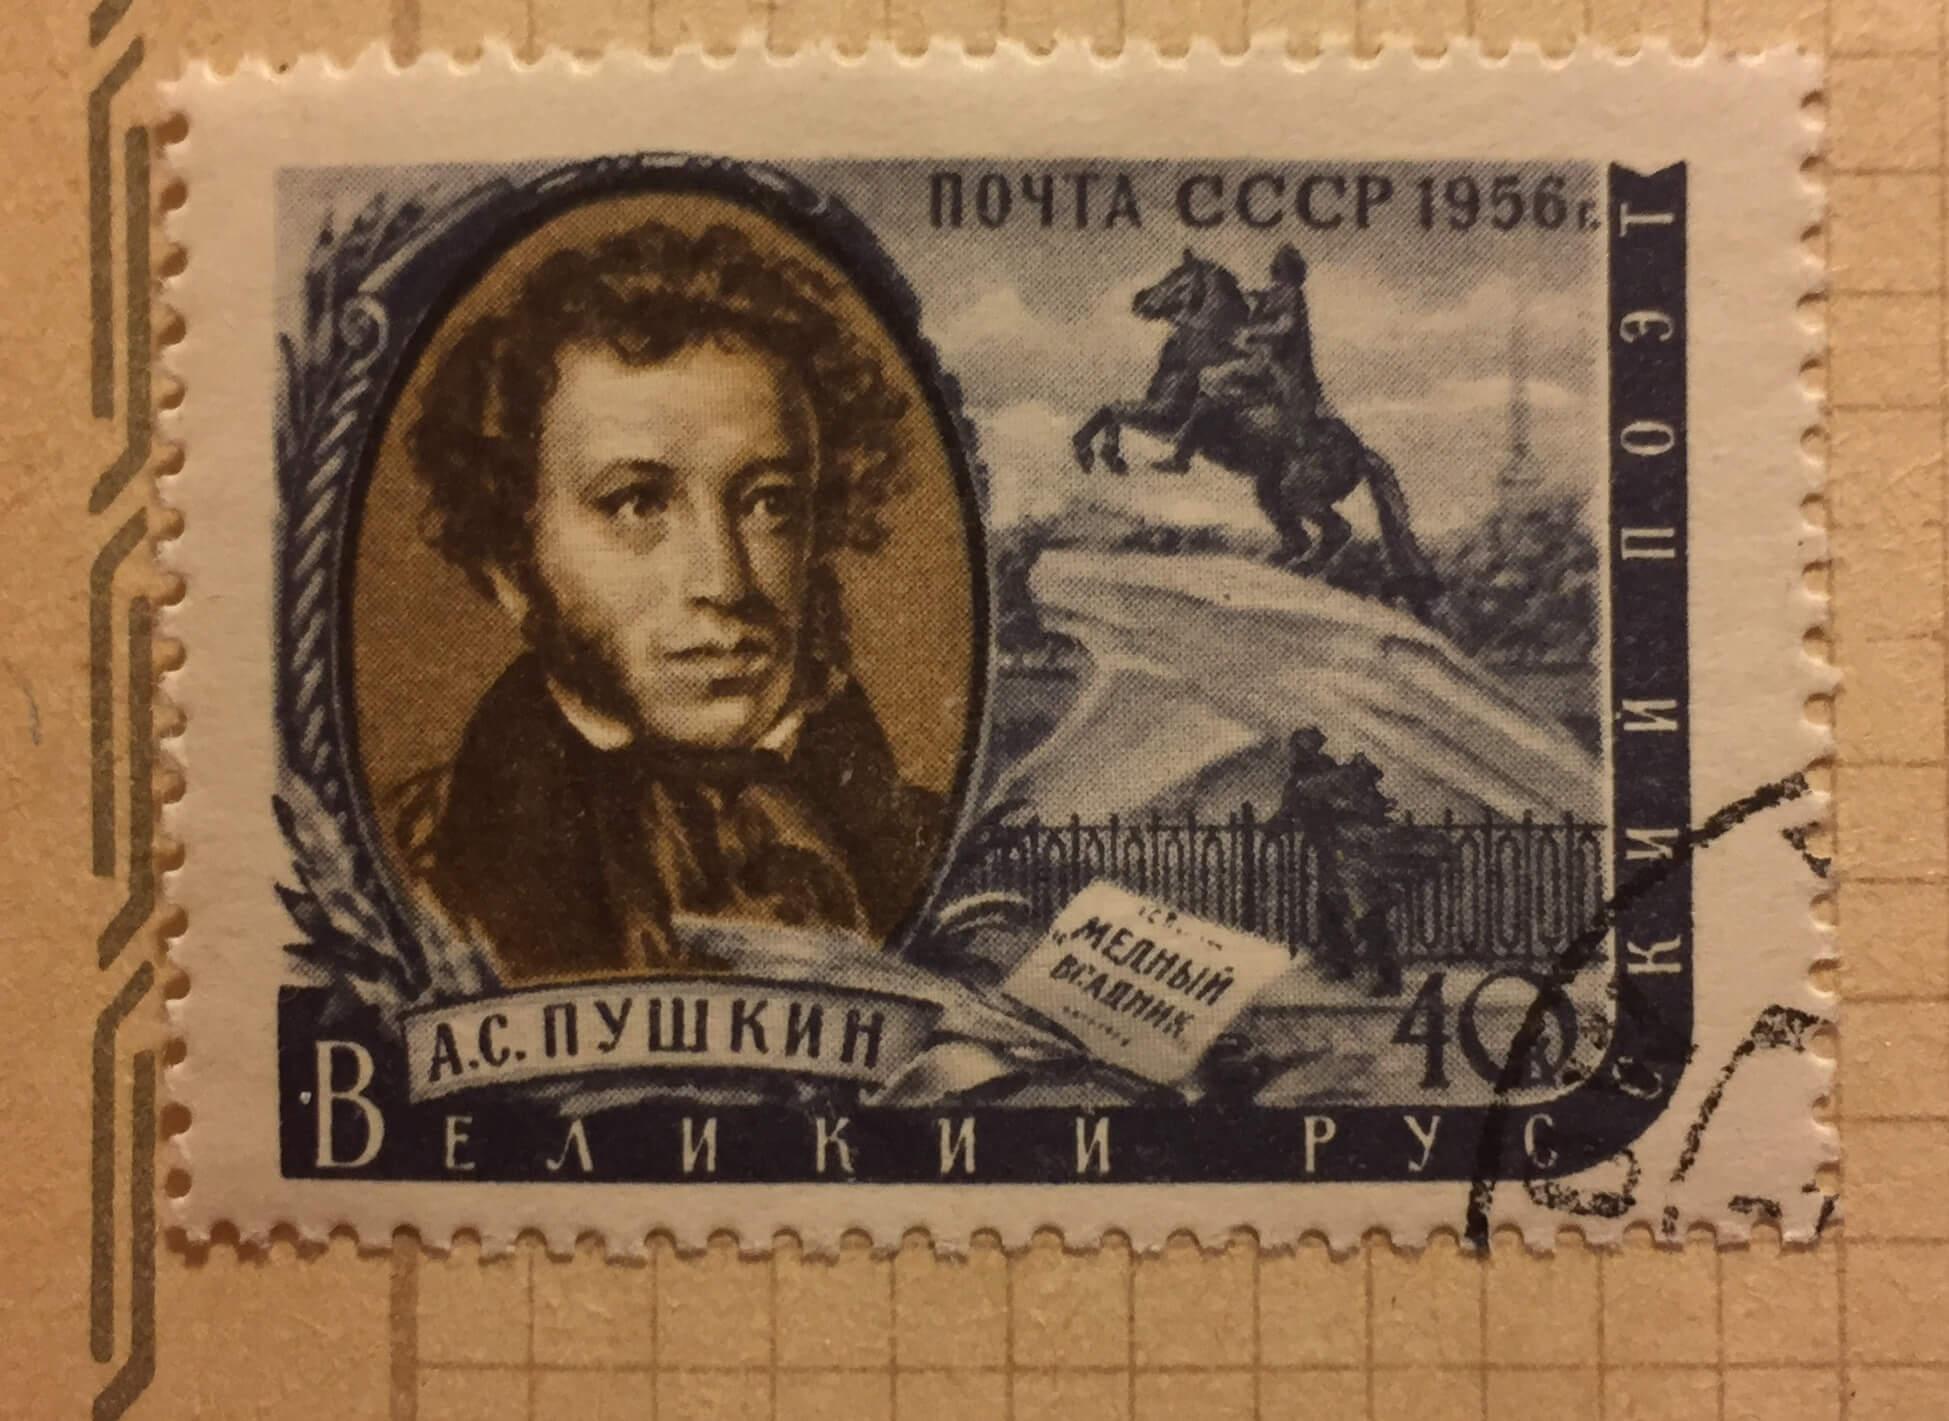 Купить почтовую марку СССР А.С.Пушкин 954bc0f17e340